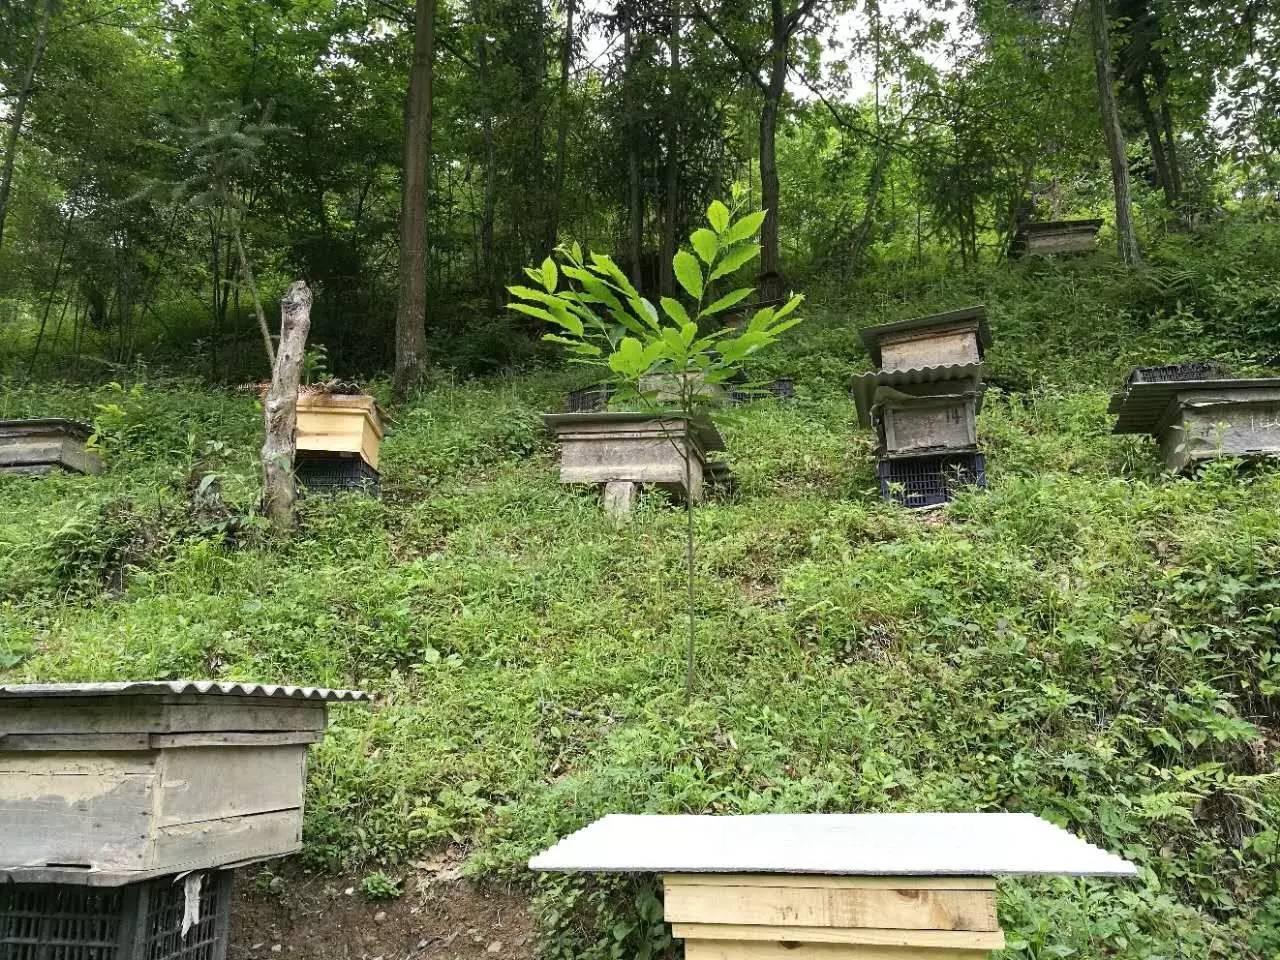 蜂蜜刺喉 南方的蜂蜜好还是北方的好 蜂王浆与蜂蜜的区别 蜂蜜配三七 新西兰纽康蜂蜜